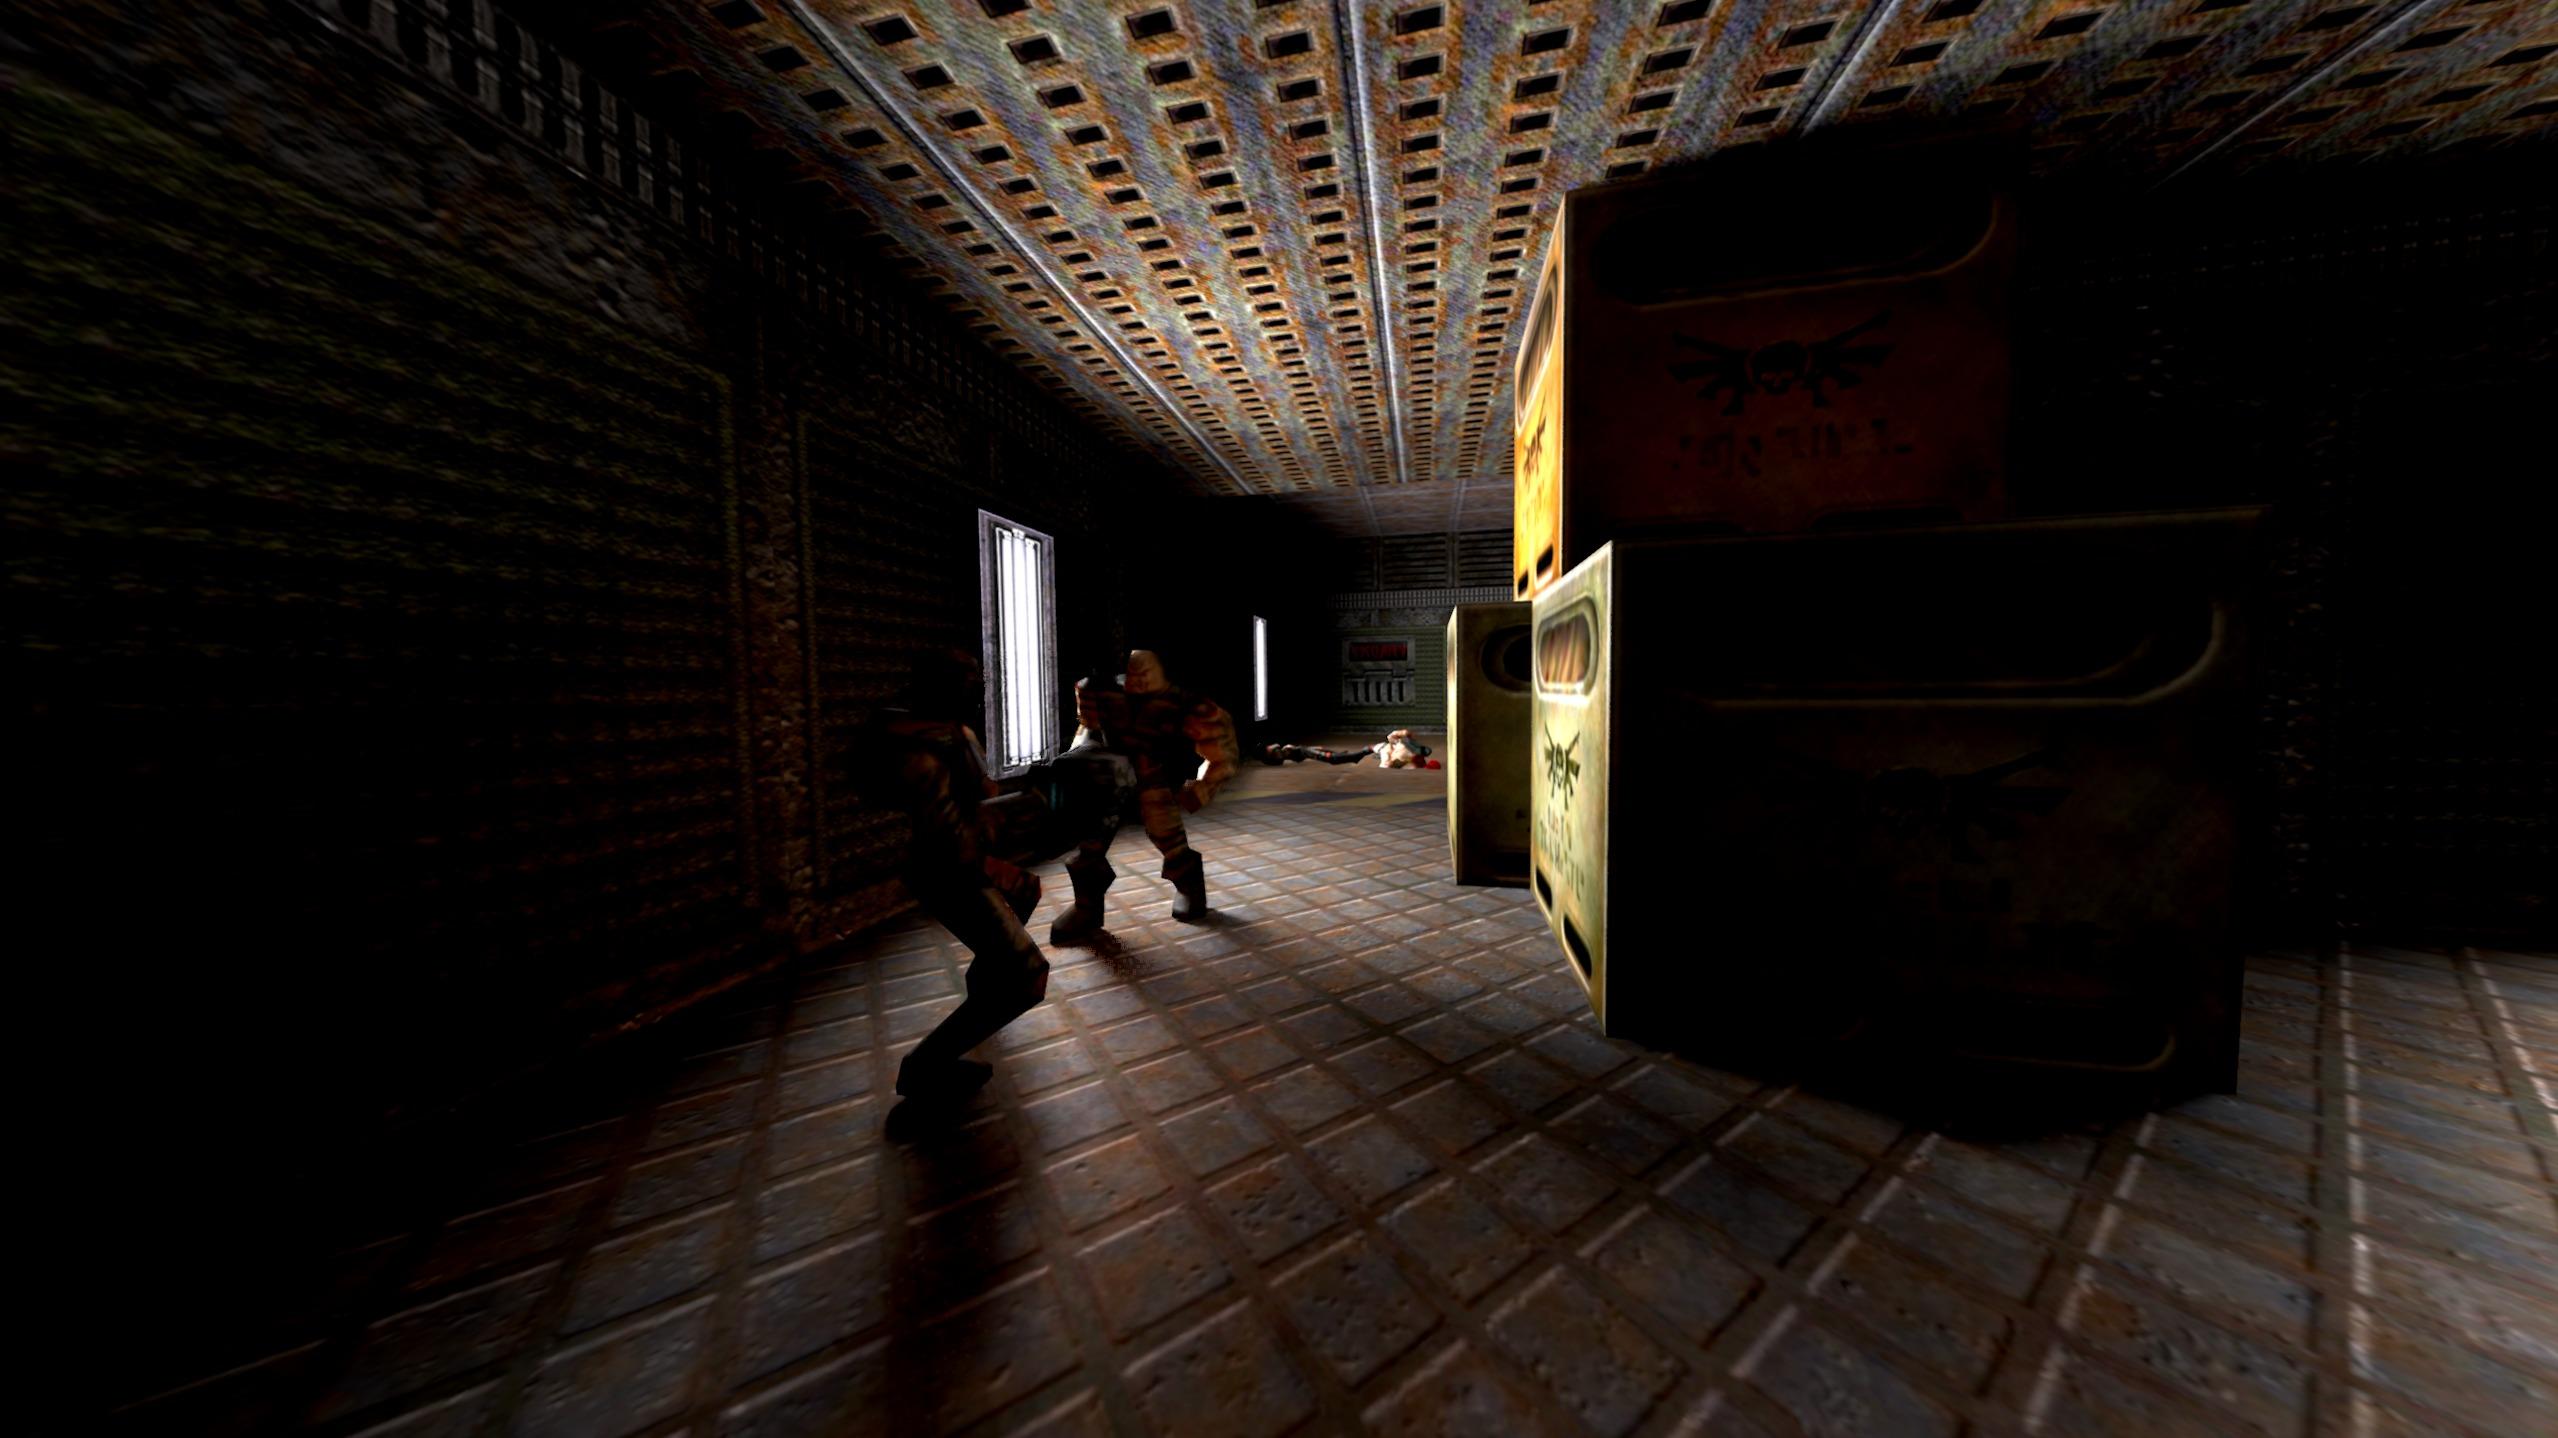 Quake 2 už funguje s raytracingom na RTX kartách   Sector